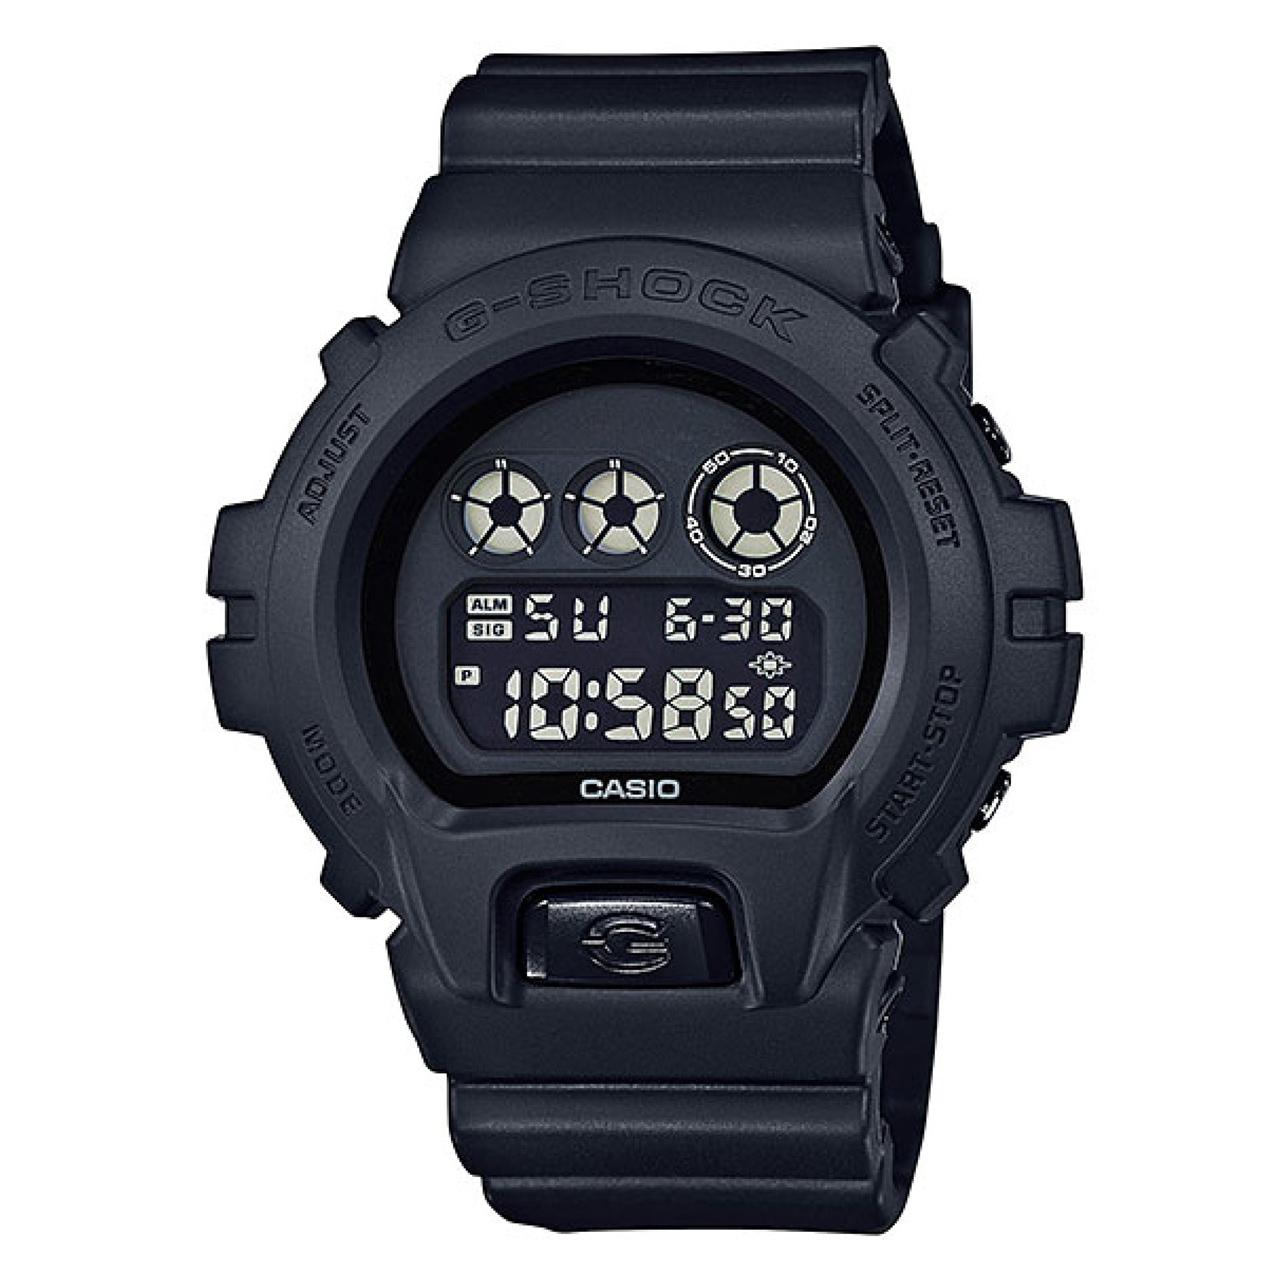 ساعت مچی دیجیتالی کاسیو جی شاک مدل DW-6900BB-1DR